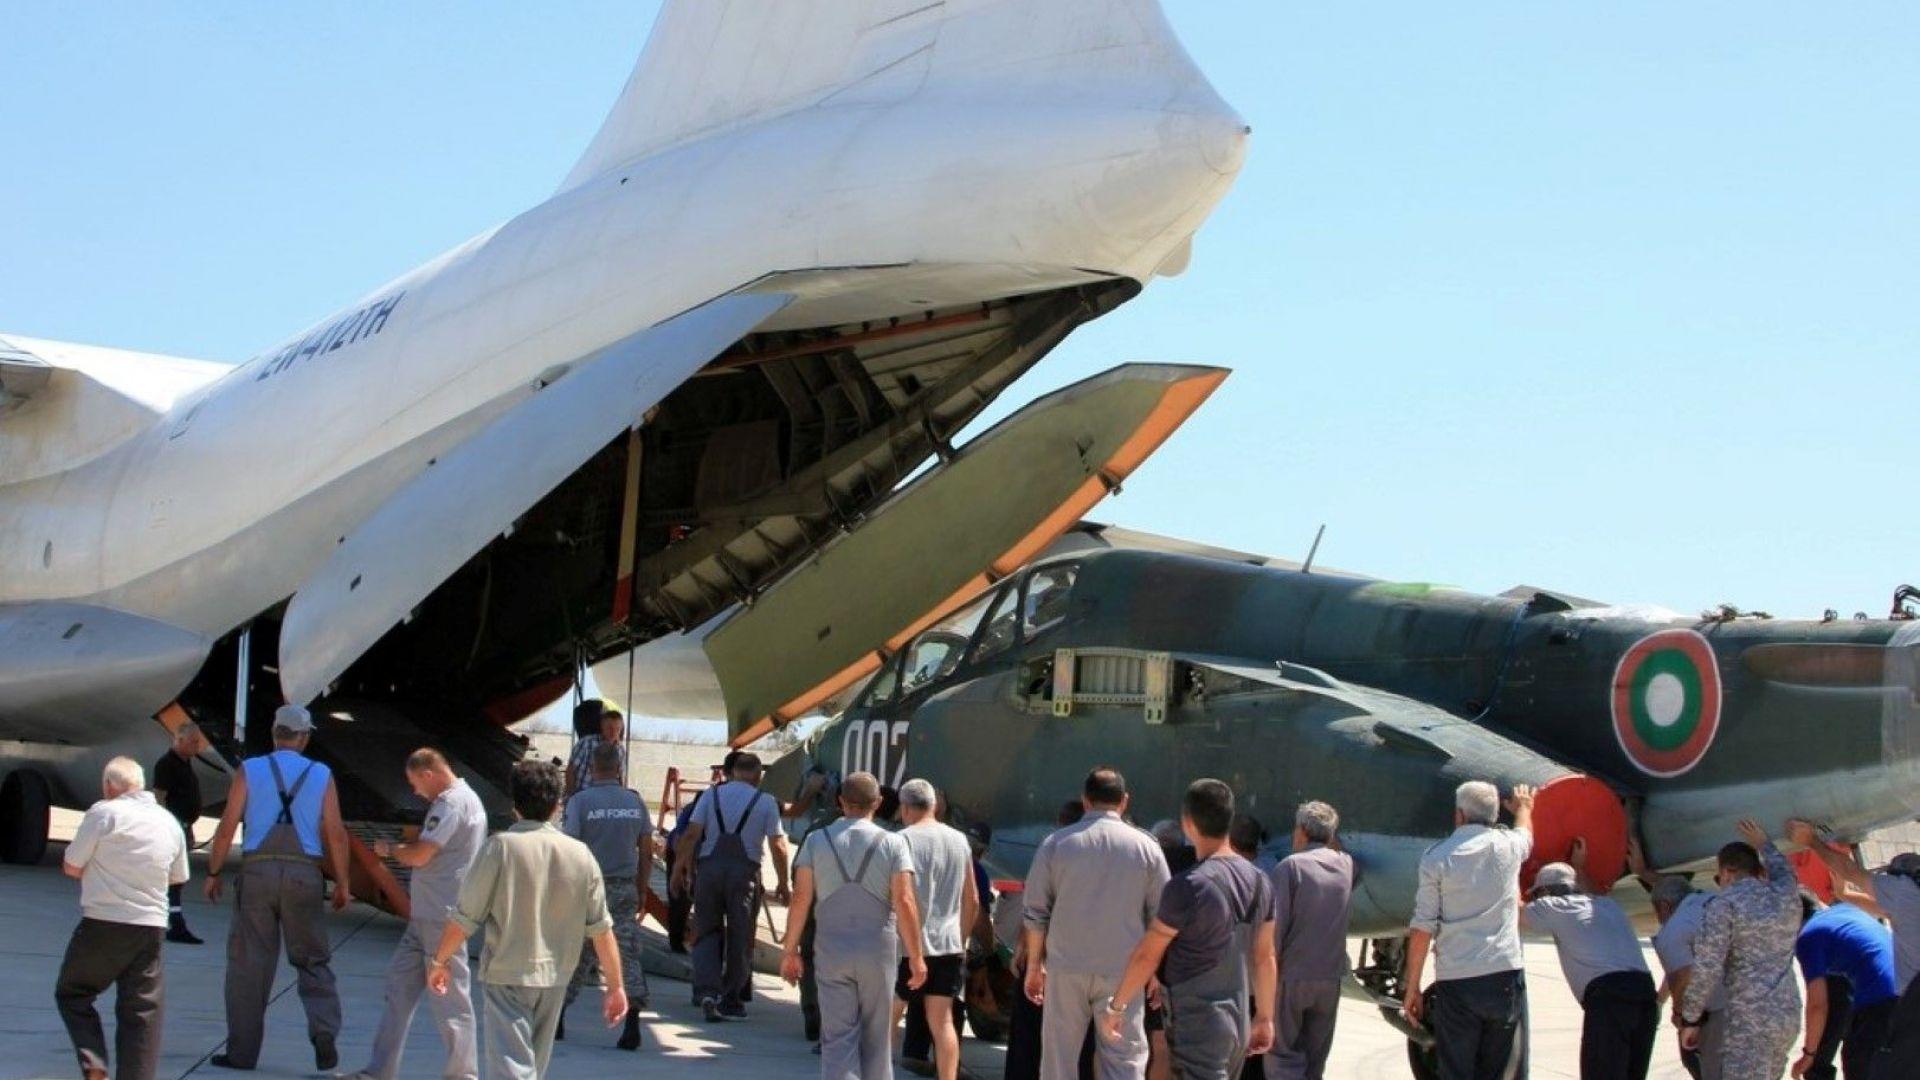 Започна ремонтът на нашите изтребители Су-25 в Беларус